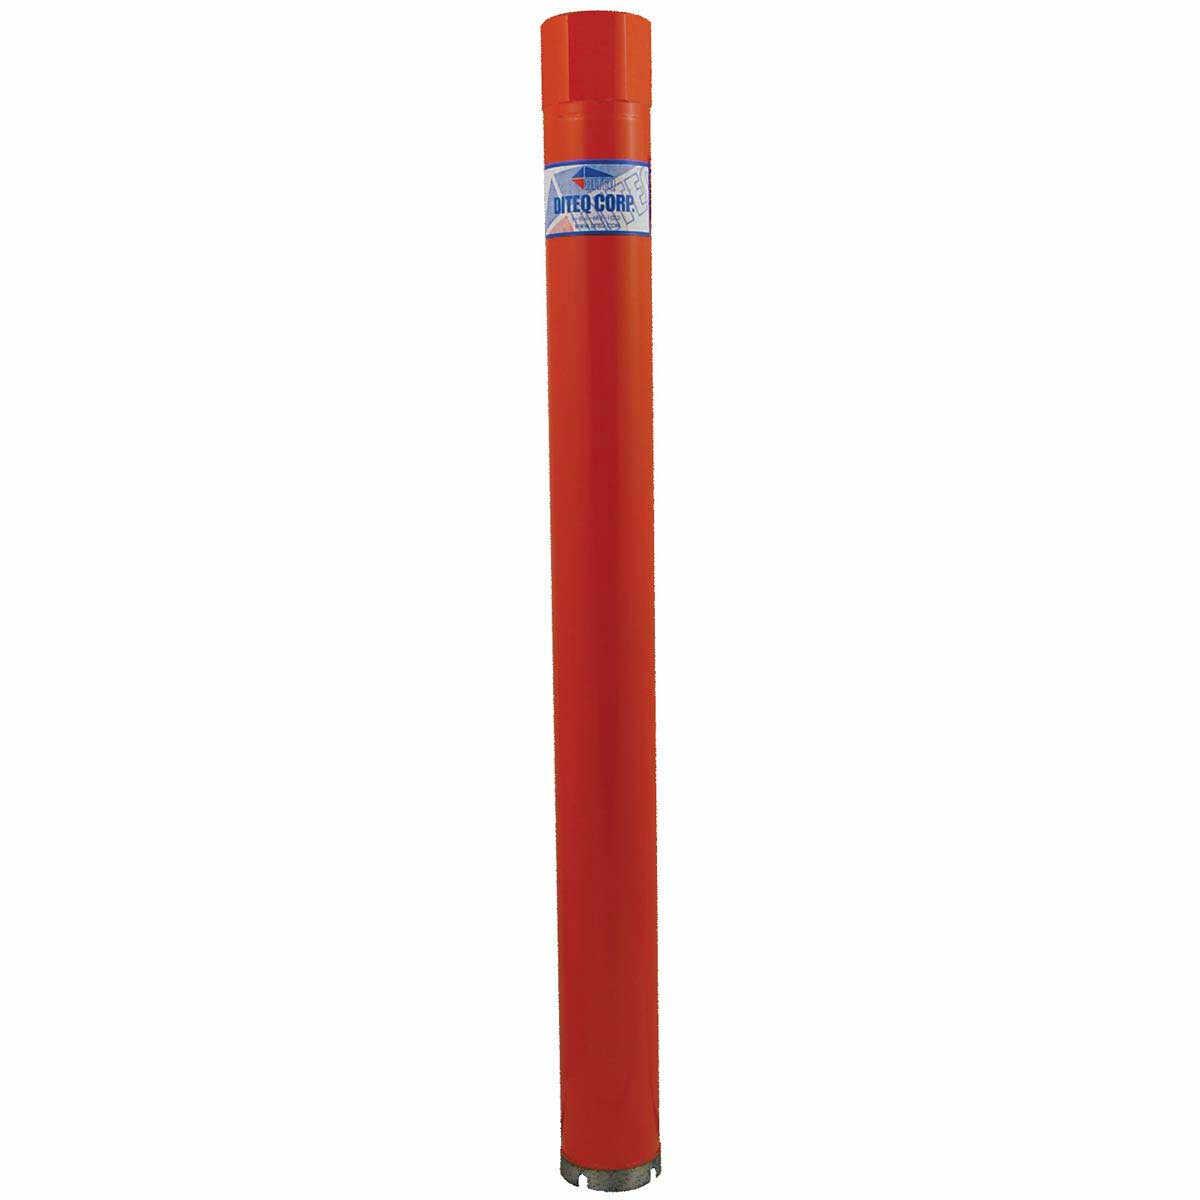 Diteq C-52 Orange Core Bit